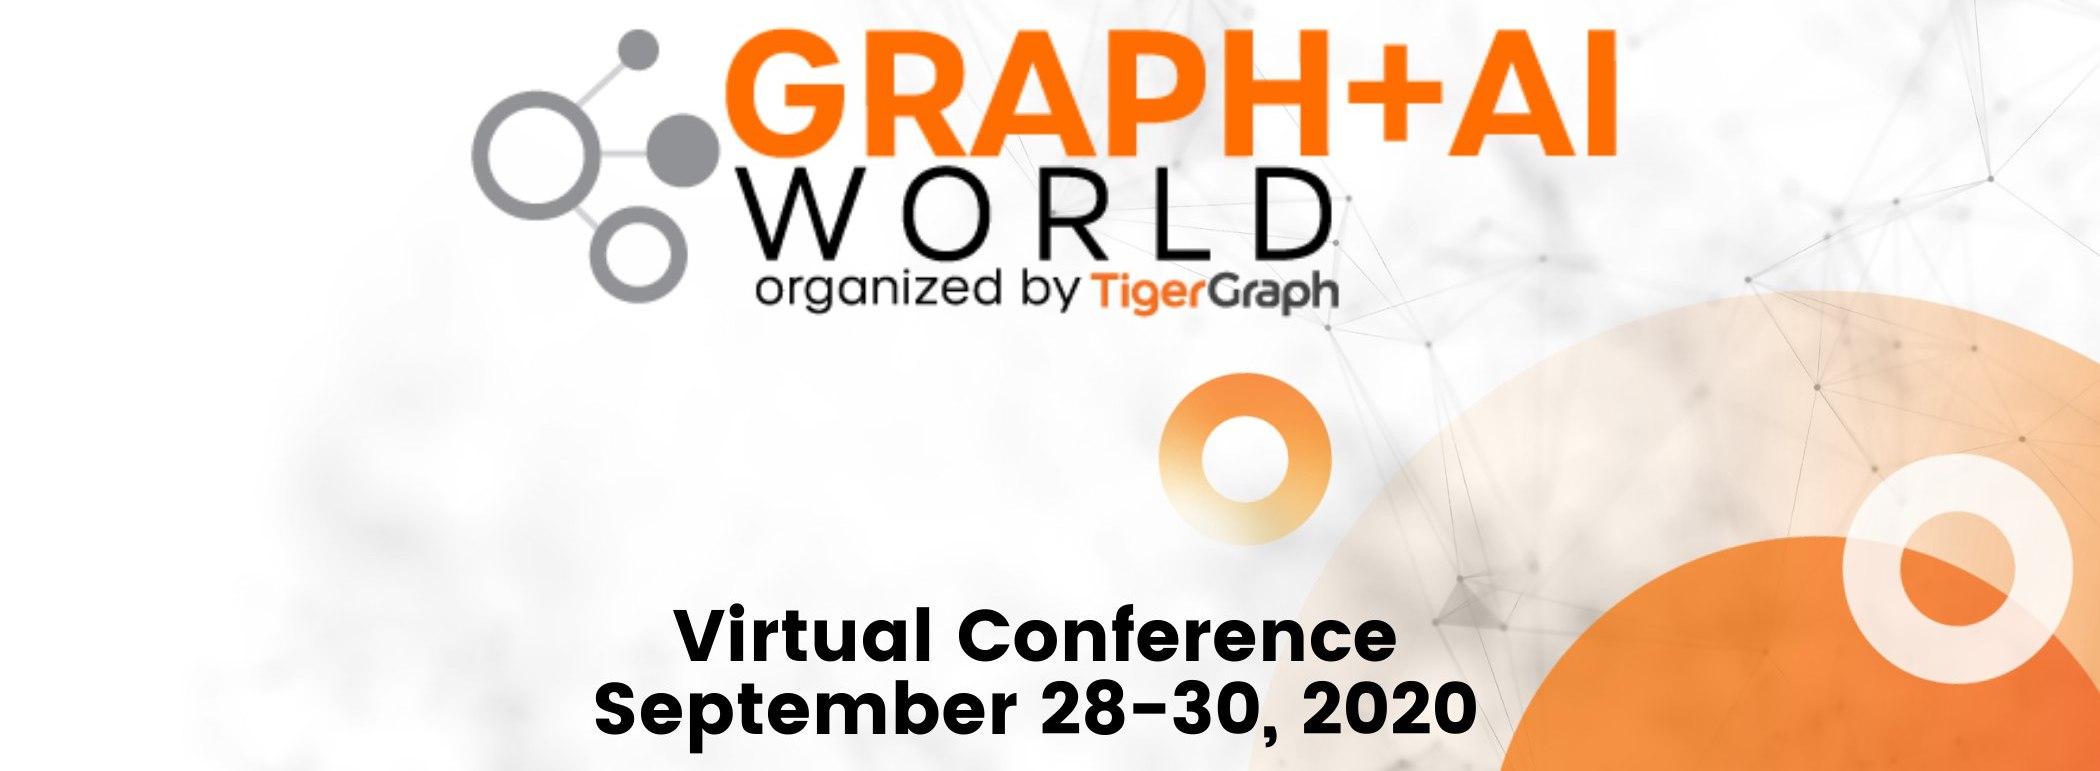 Конференция Graph+AI World 2020 — графовые алгоритмы и машинное обучение / Блог компании Фактор груп / Хабр